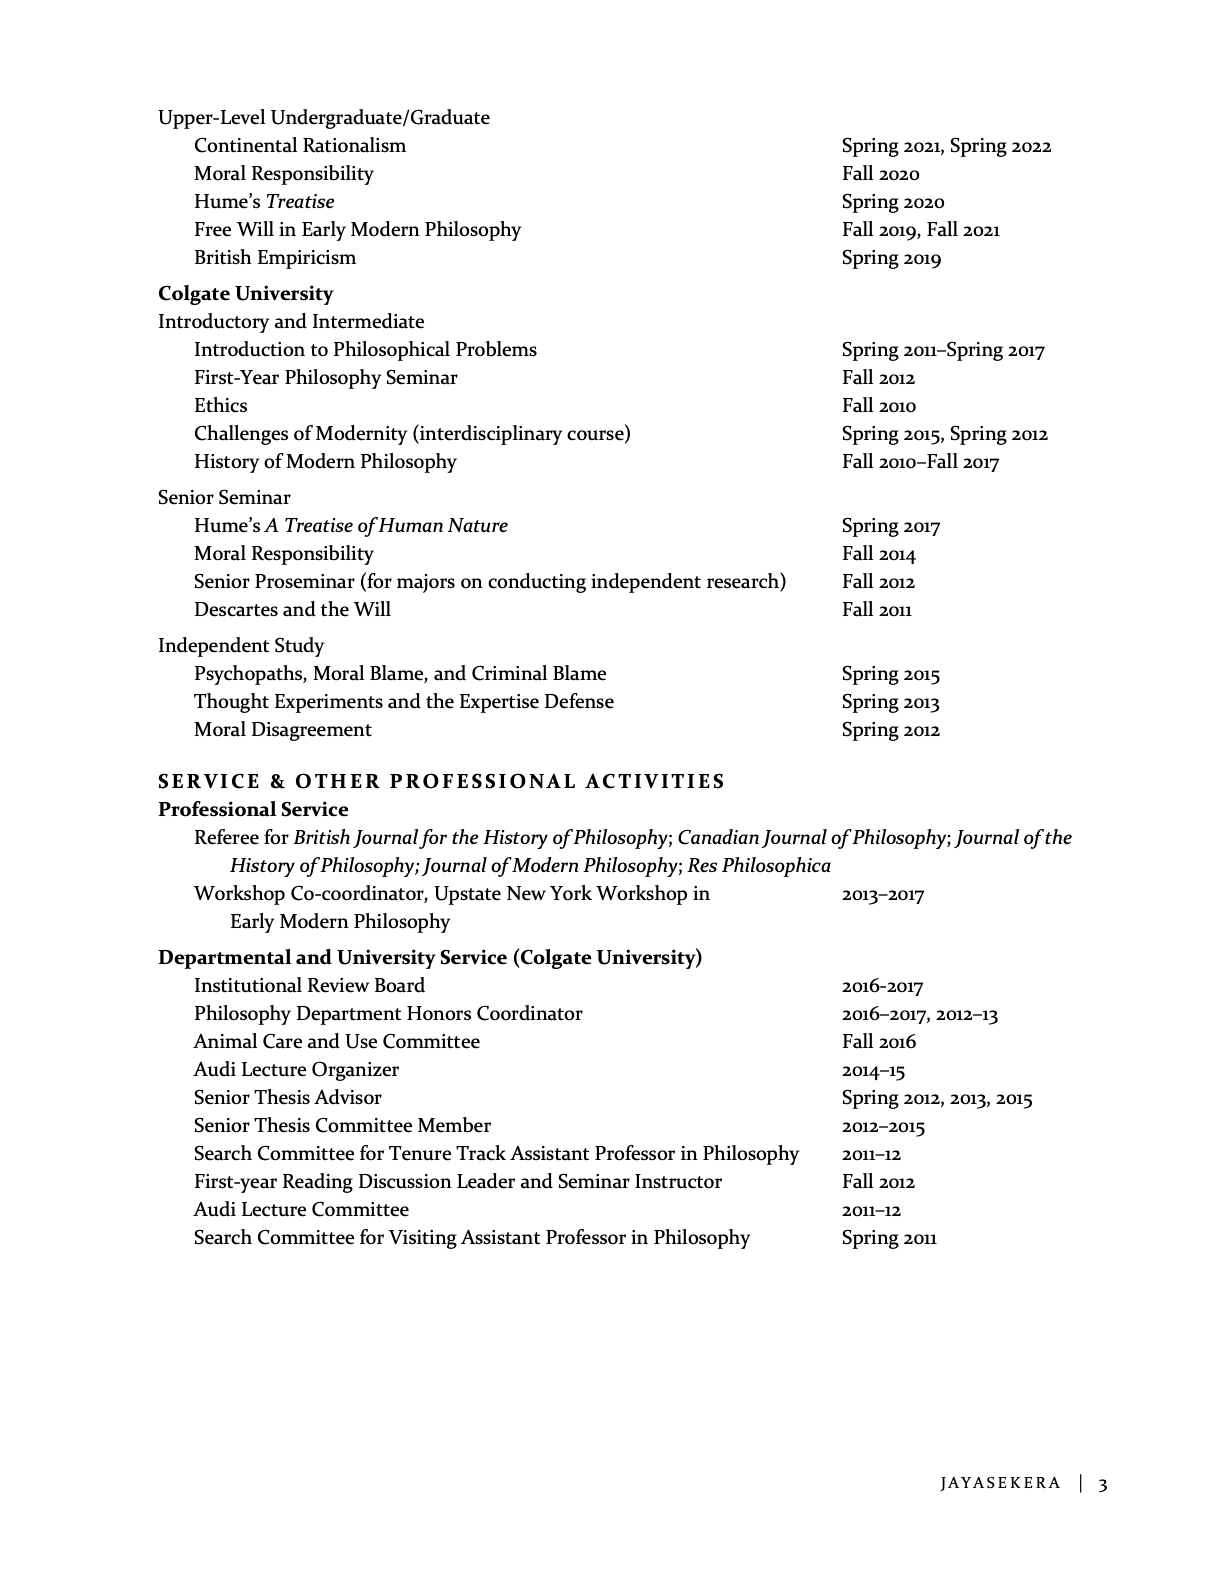 Marie Jayasekera CV page 3 of 3